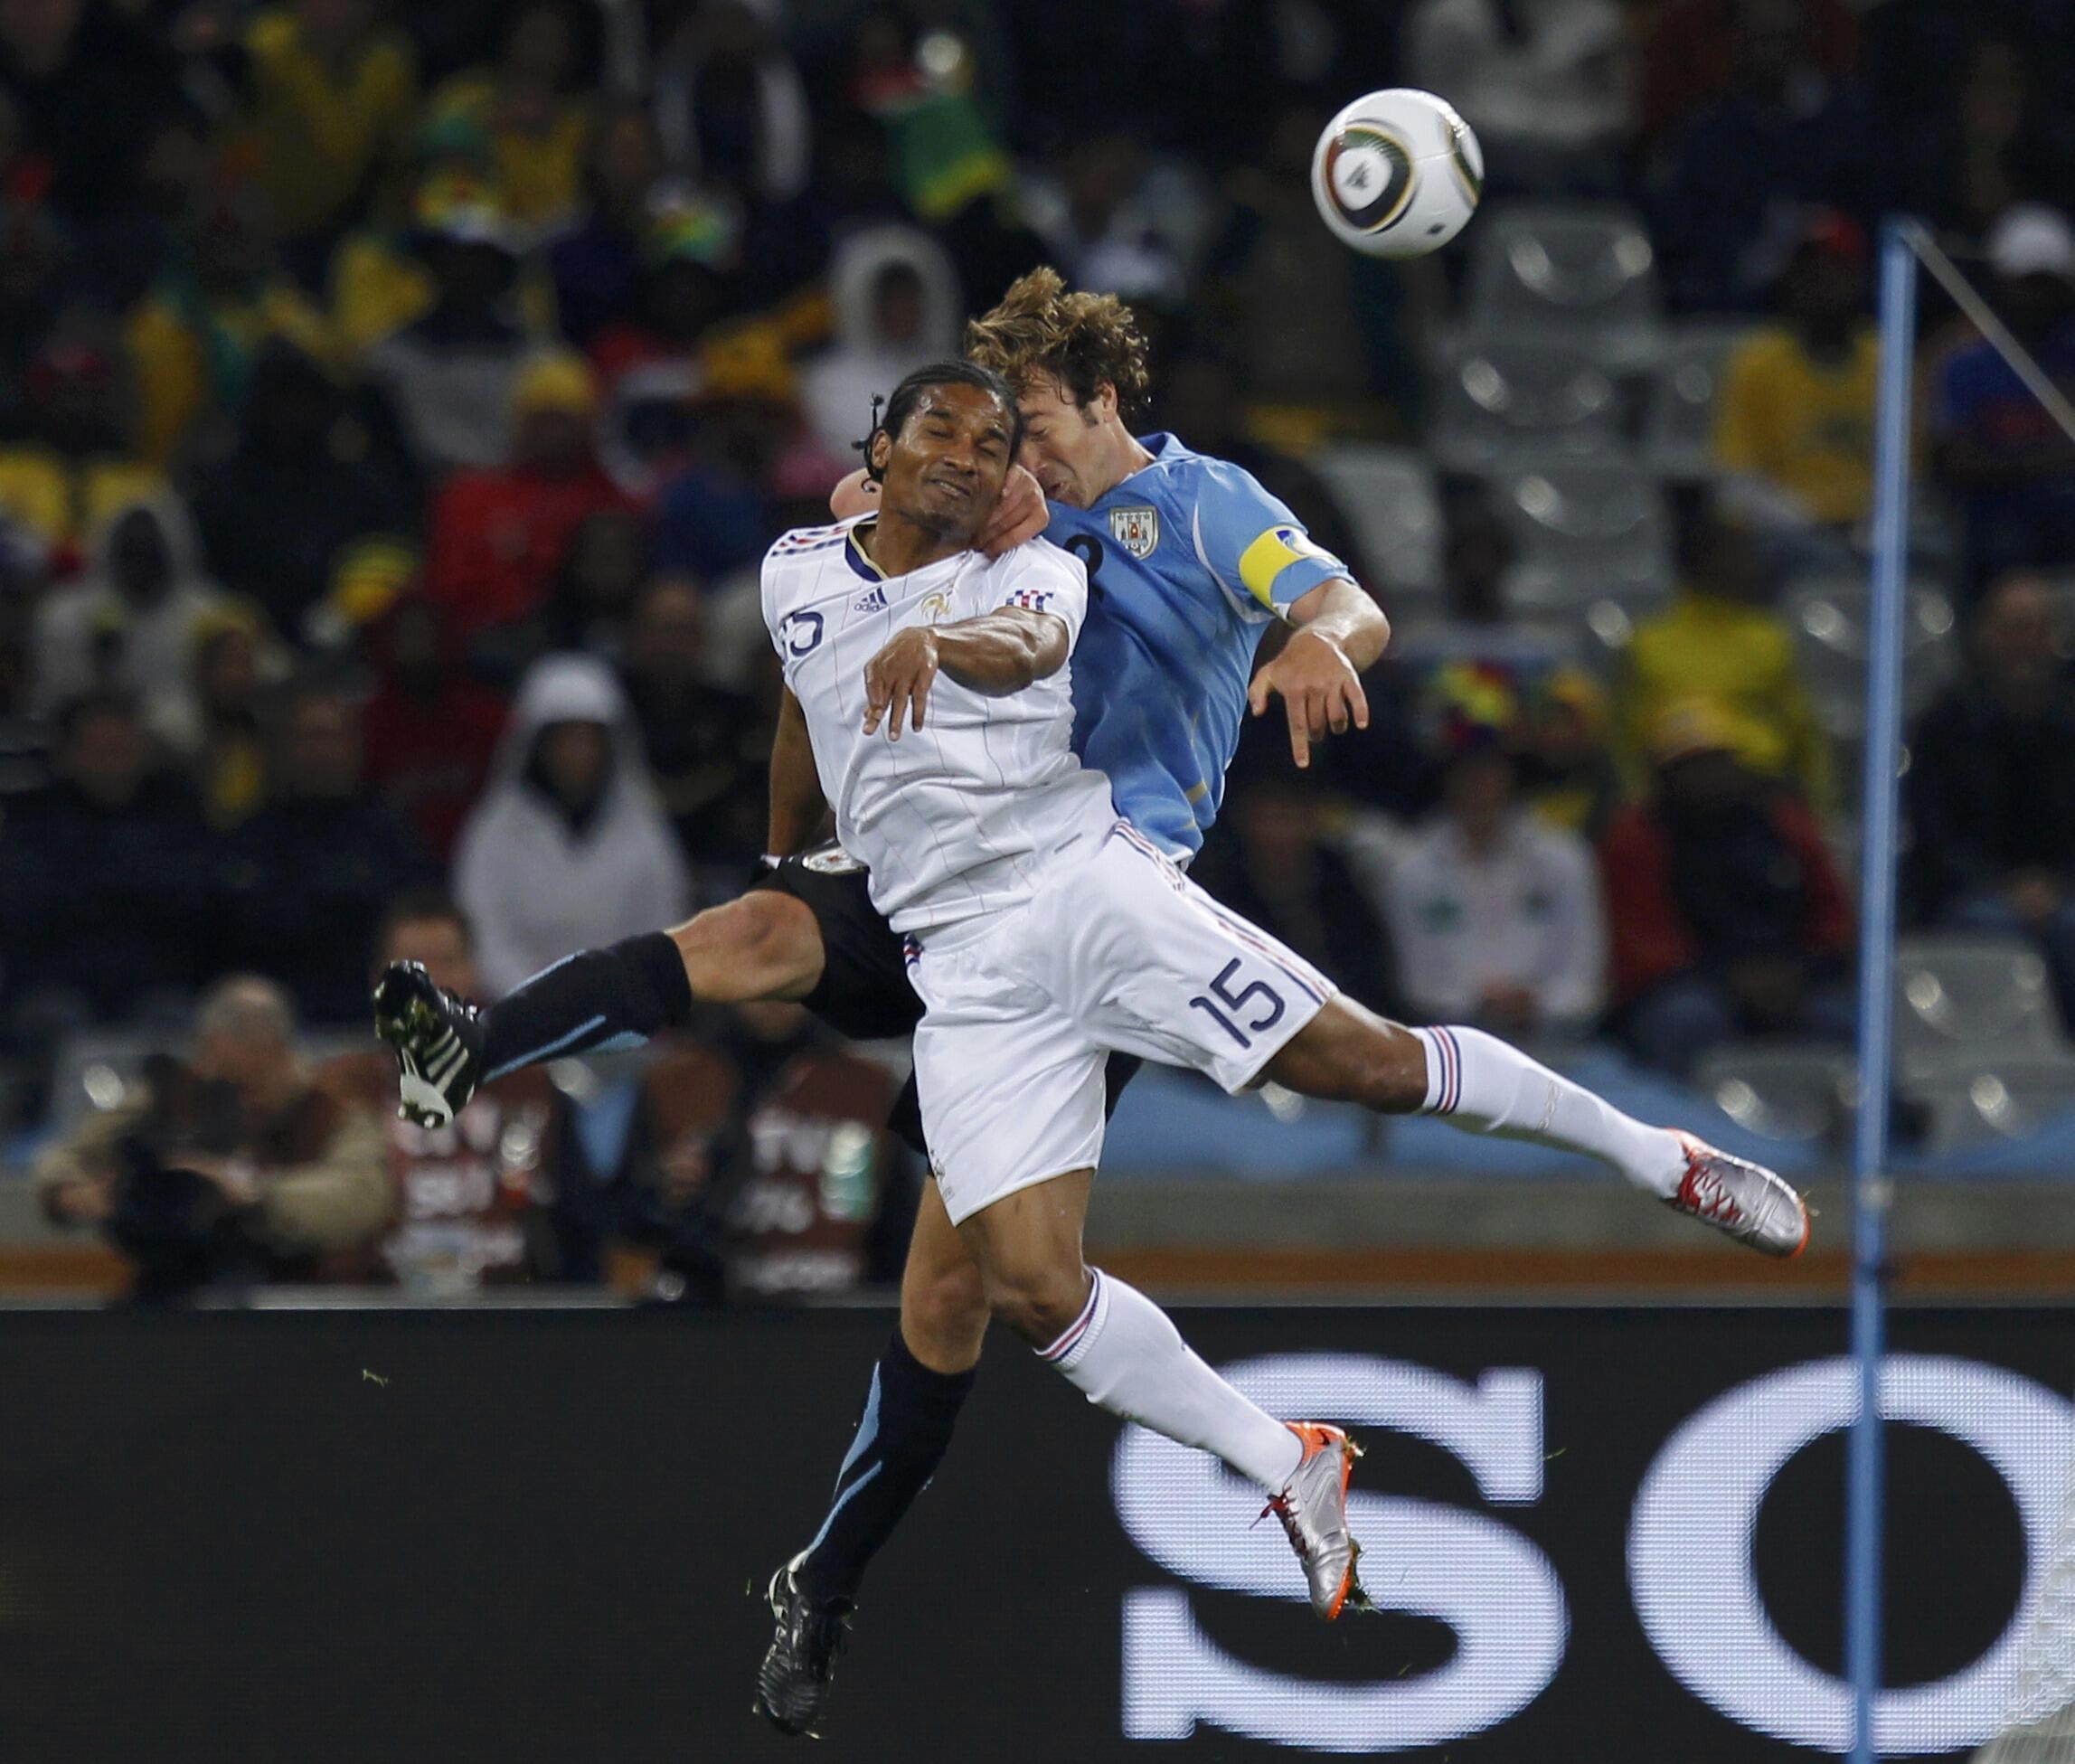 Một pha tranh bóng giữa cầu thủ Pháp Florent Malouda (trái) và cầu thủ Uruguay Diego Lugano trong trận đấu ngày 11/6/2010 tại sân Green Point, Cap Town.